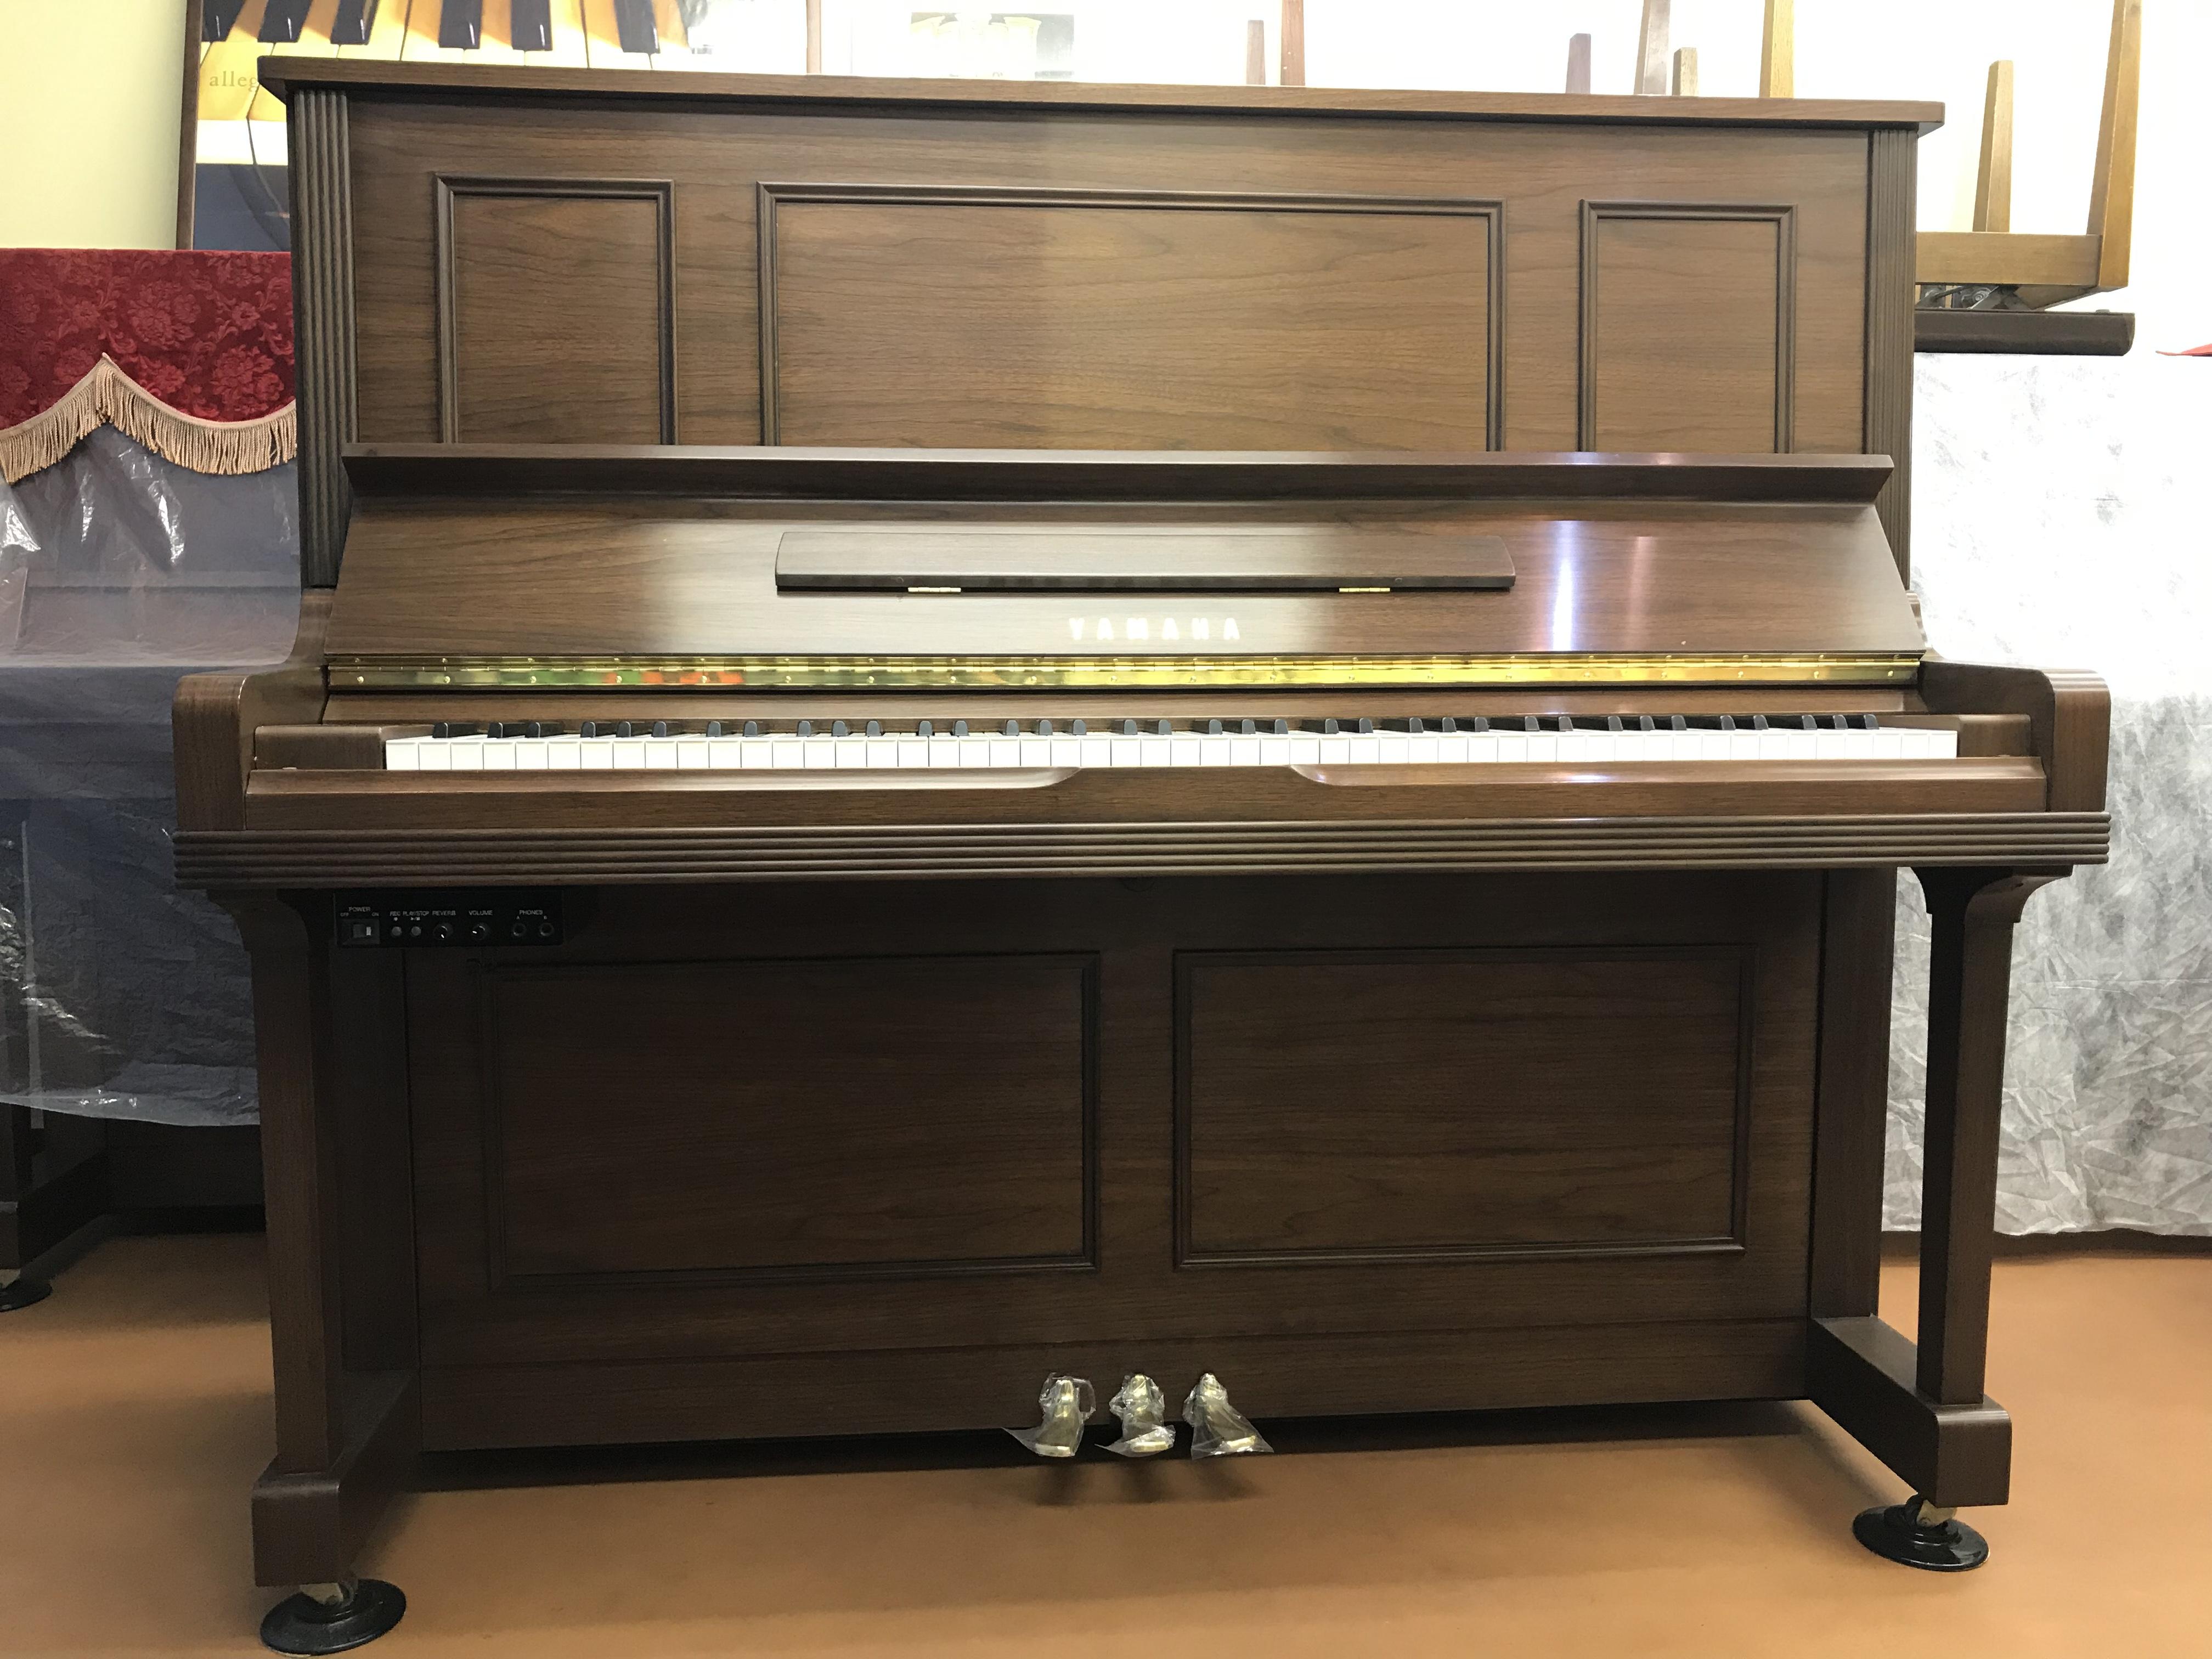 中古ヤマハピアノ